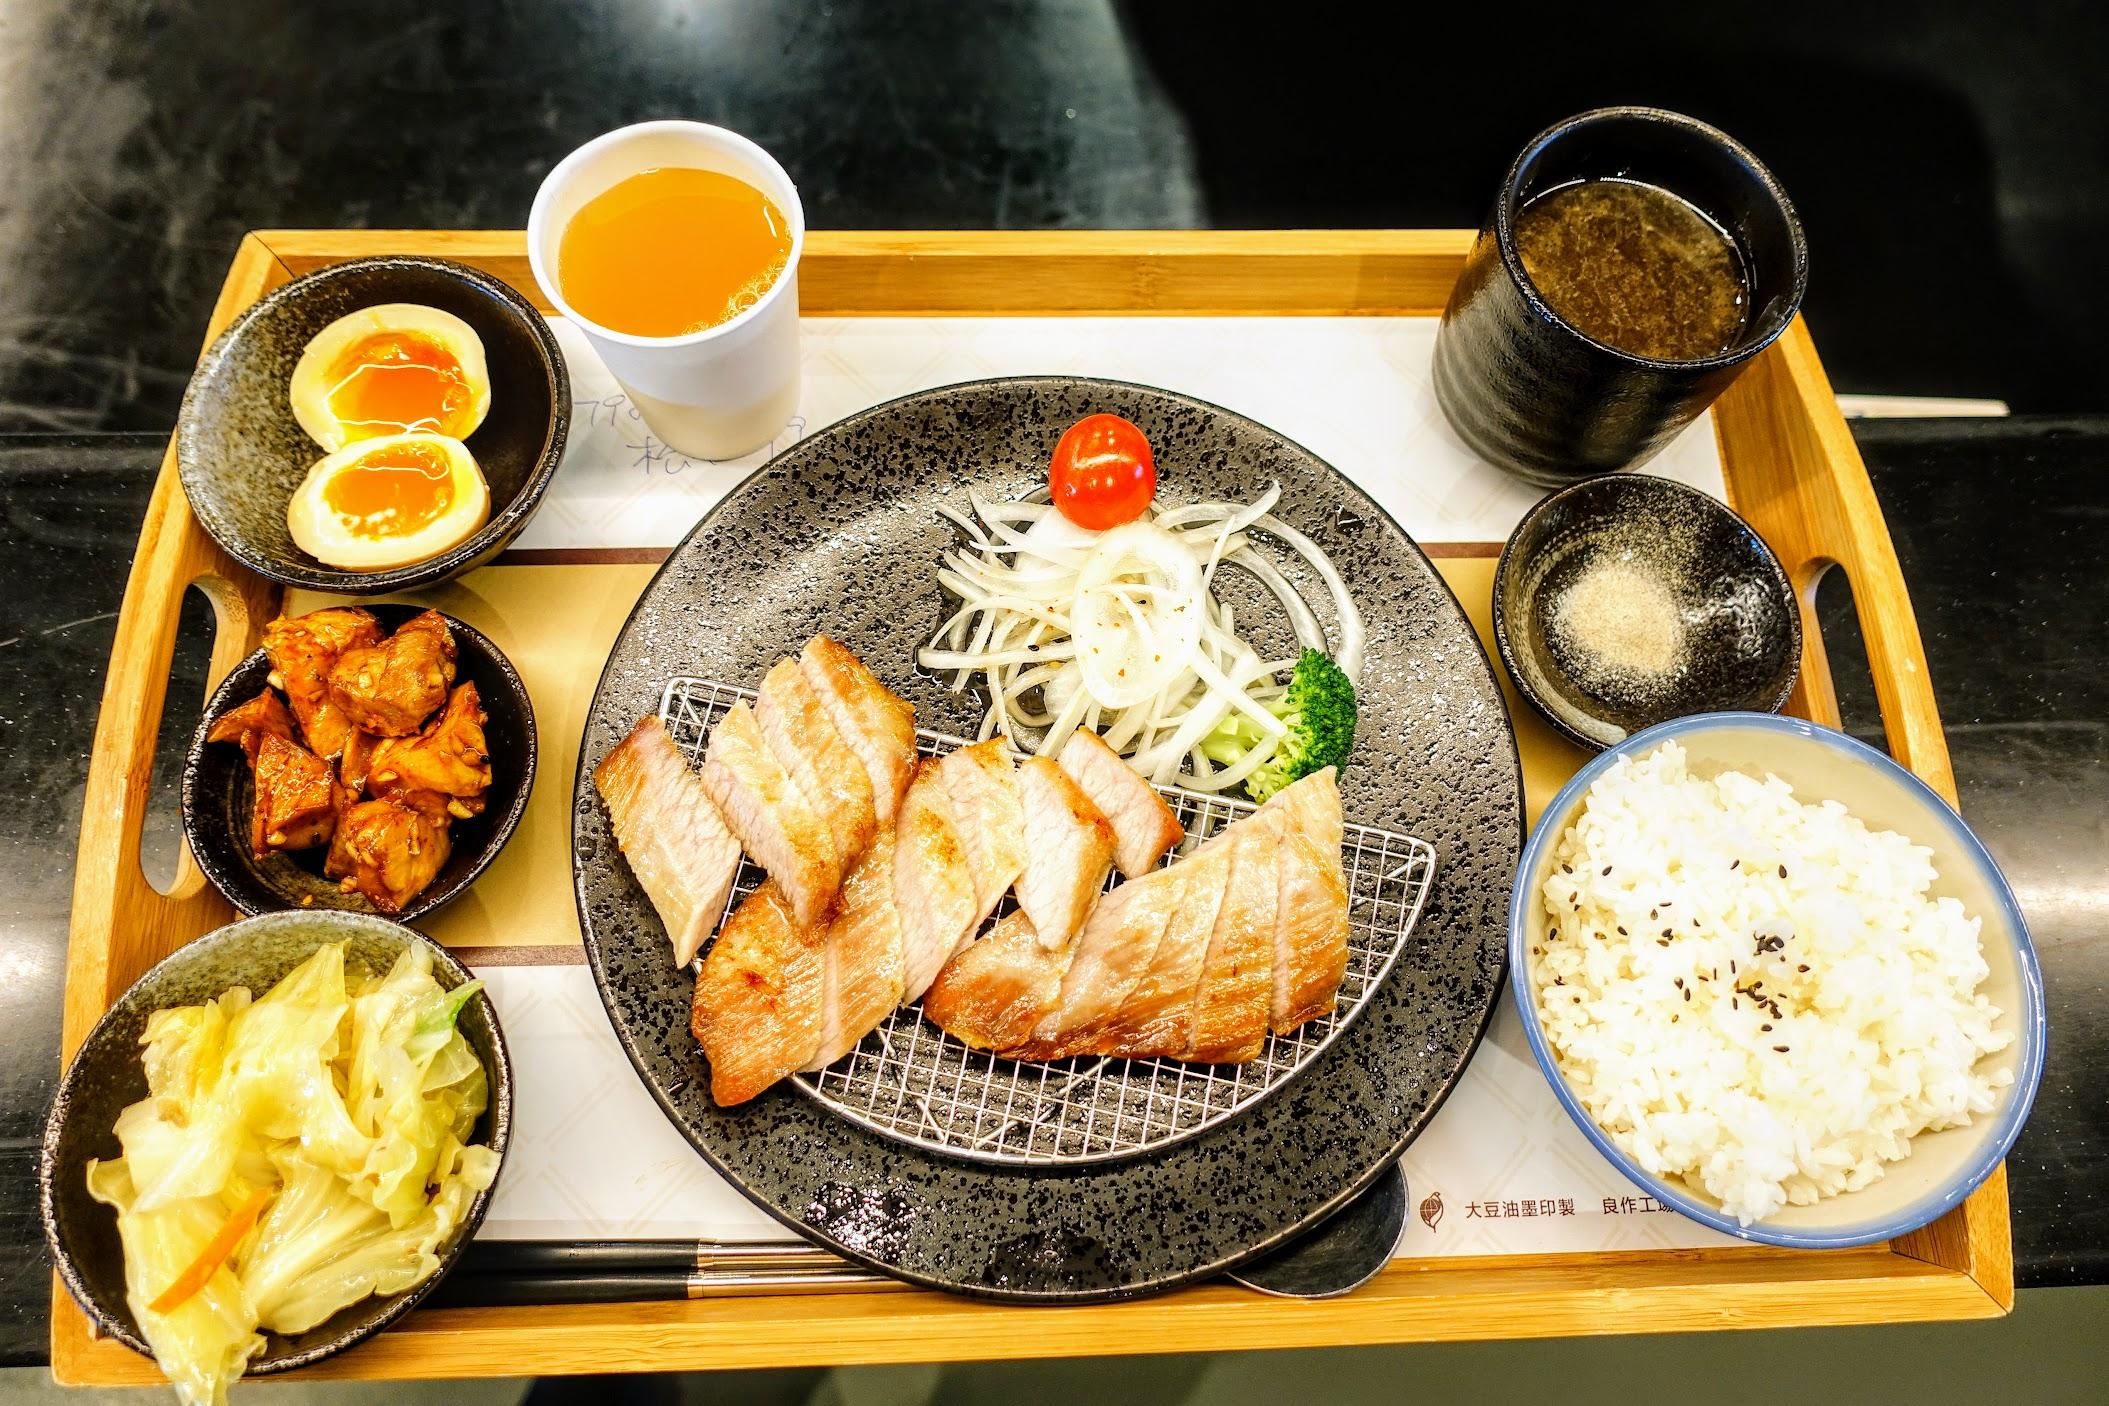 松阪豬肉套餐,一個套餐內有湯/飯/飲料/小菜二盤等,實際吃起來很飽足